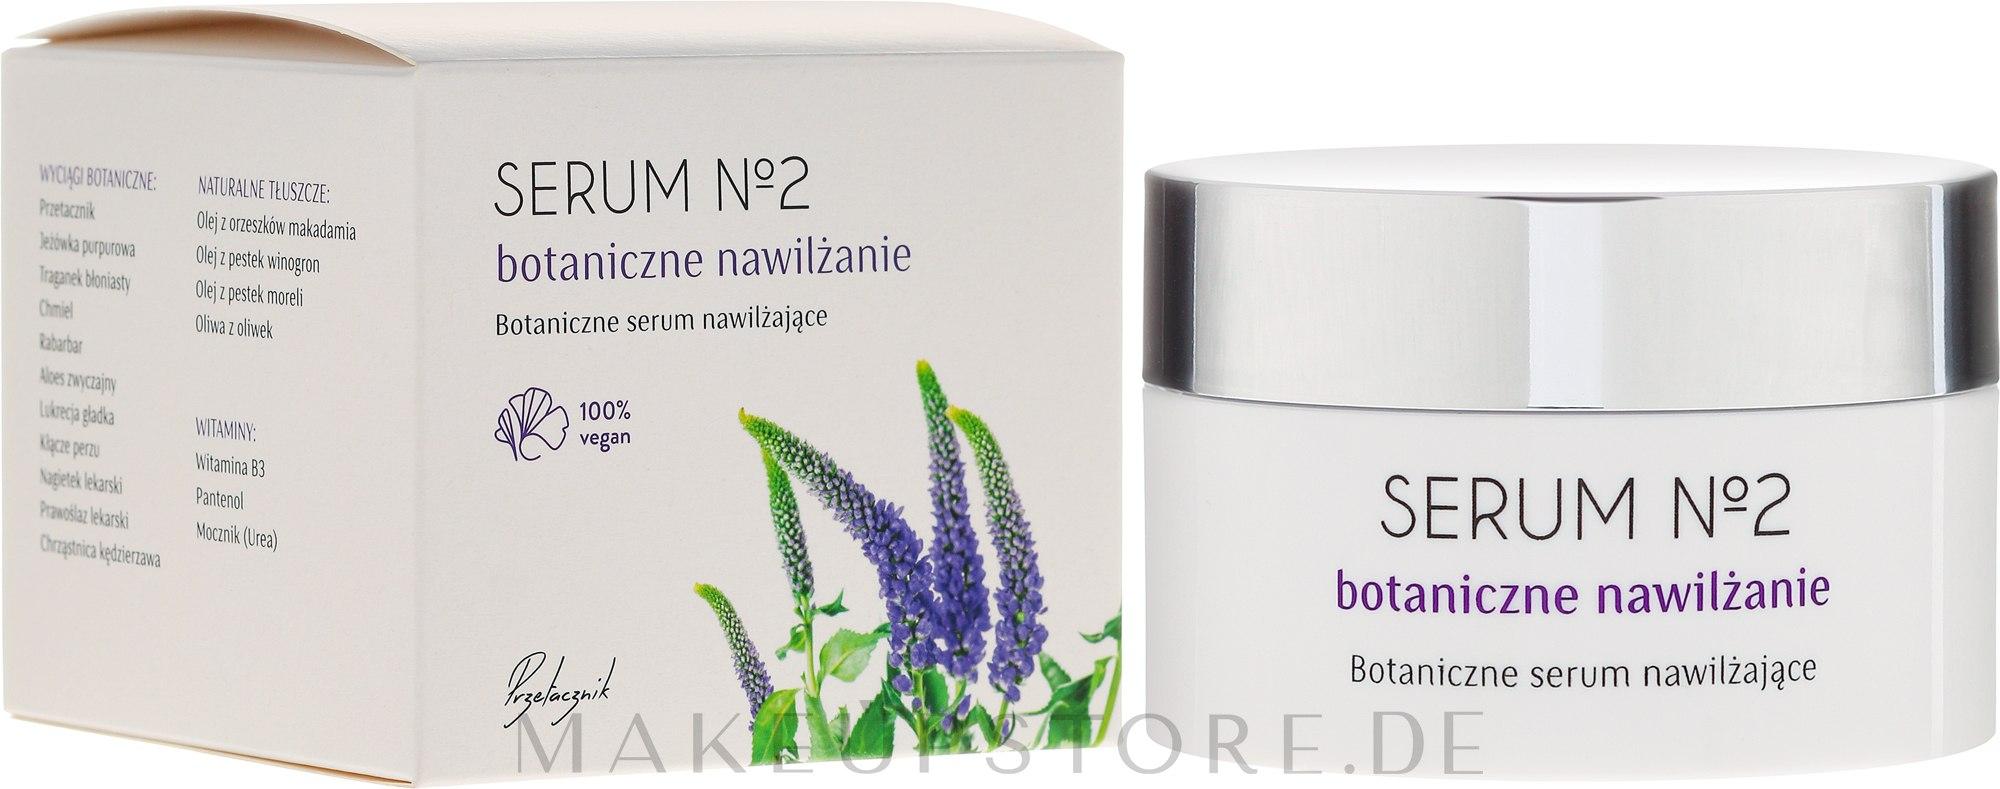 Feuchtigkeitsspendendes Gesichtsserum - Organic Life Dermocosmetics Serum №2 Botanical Moisturiser — Bild 50 ml